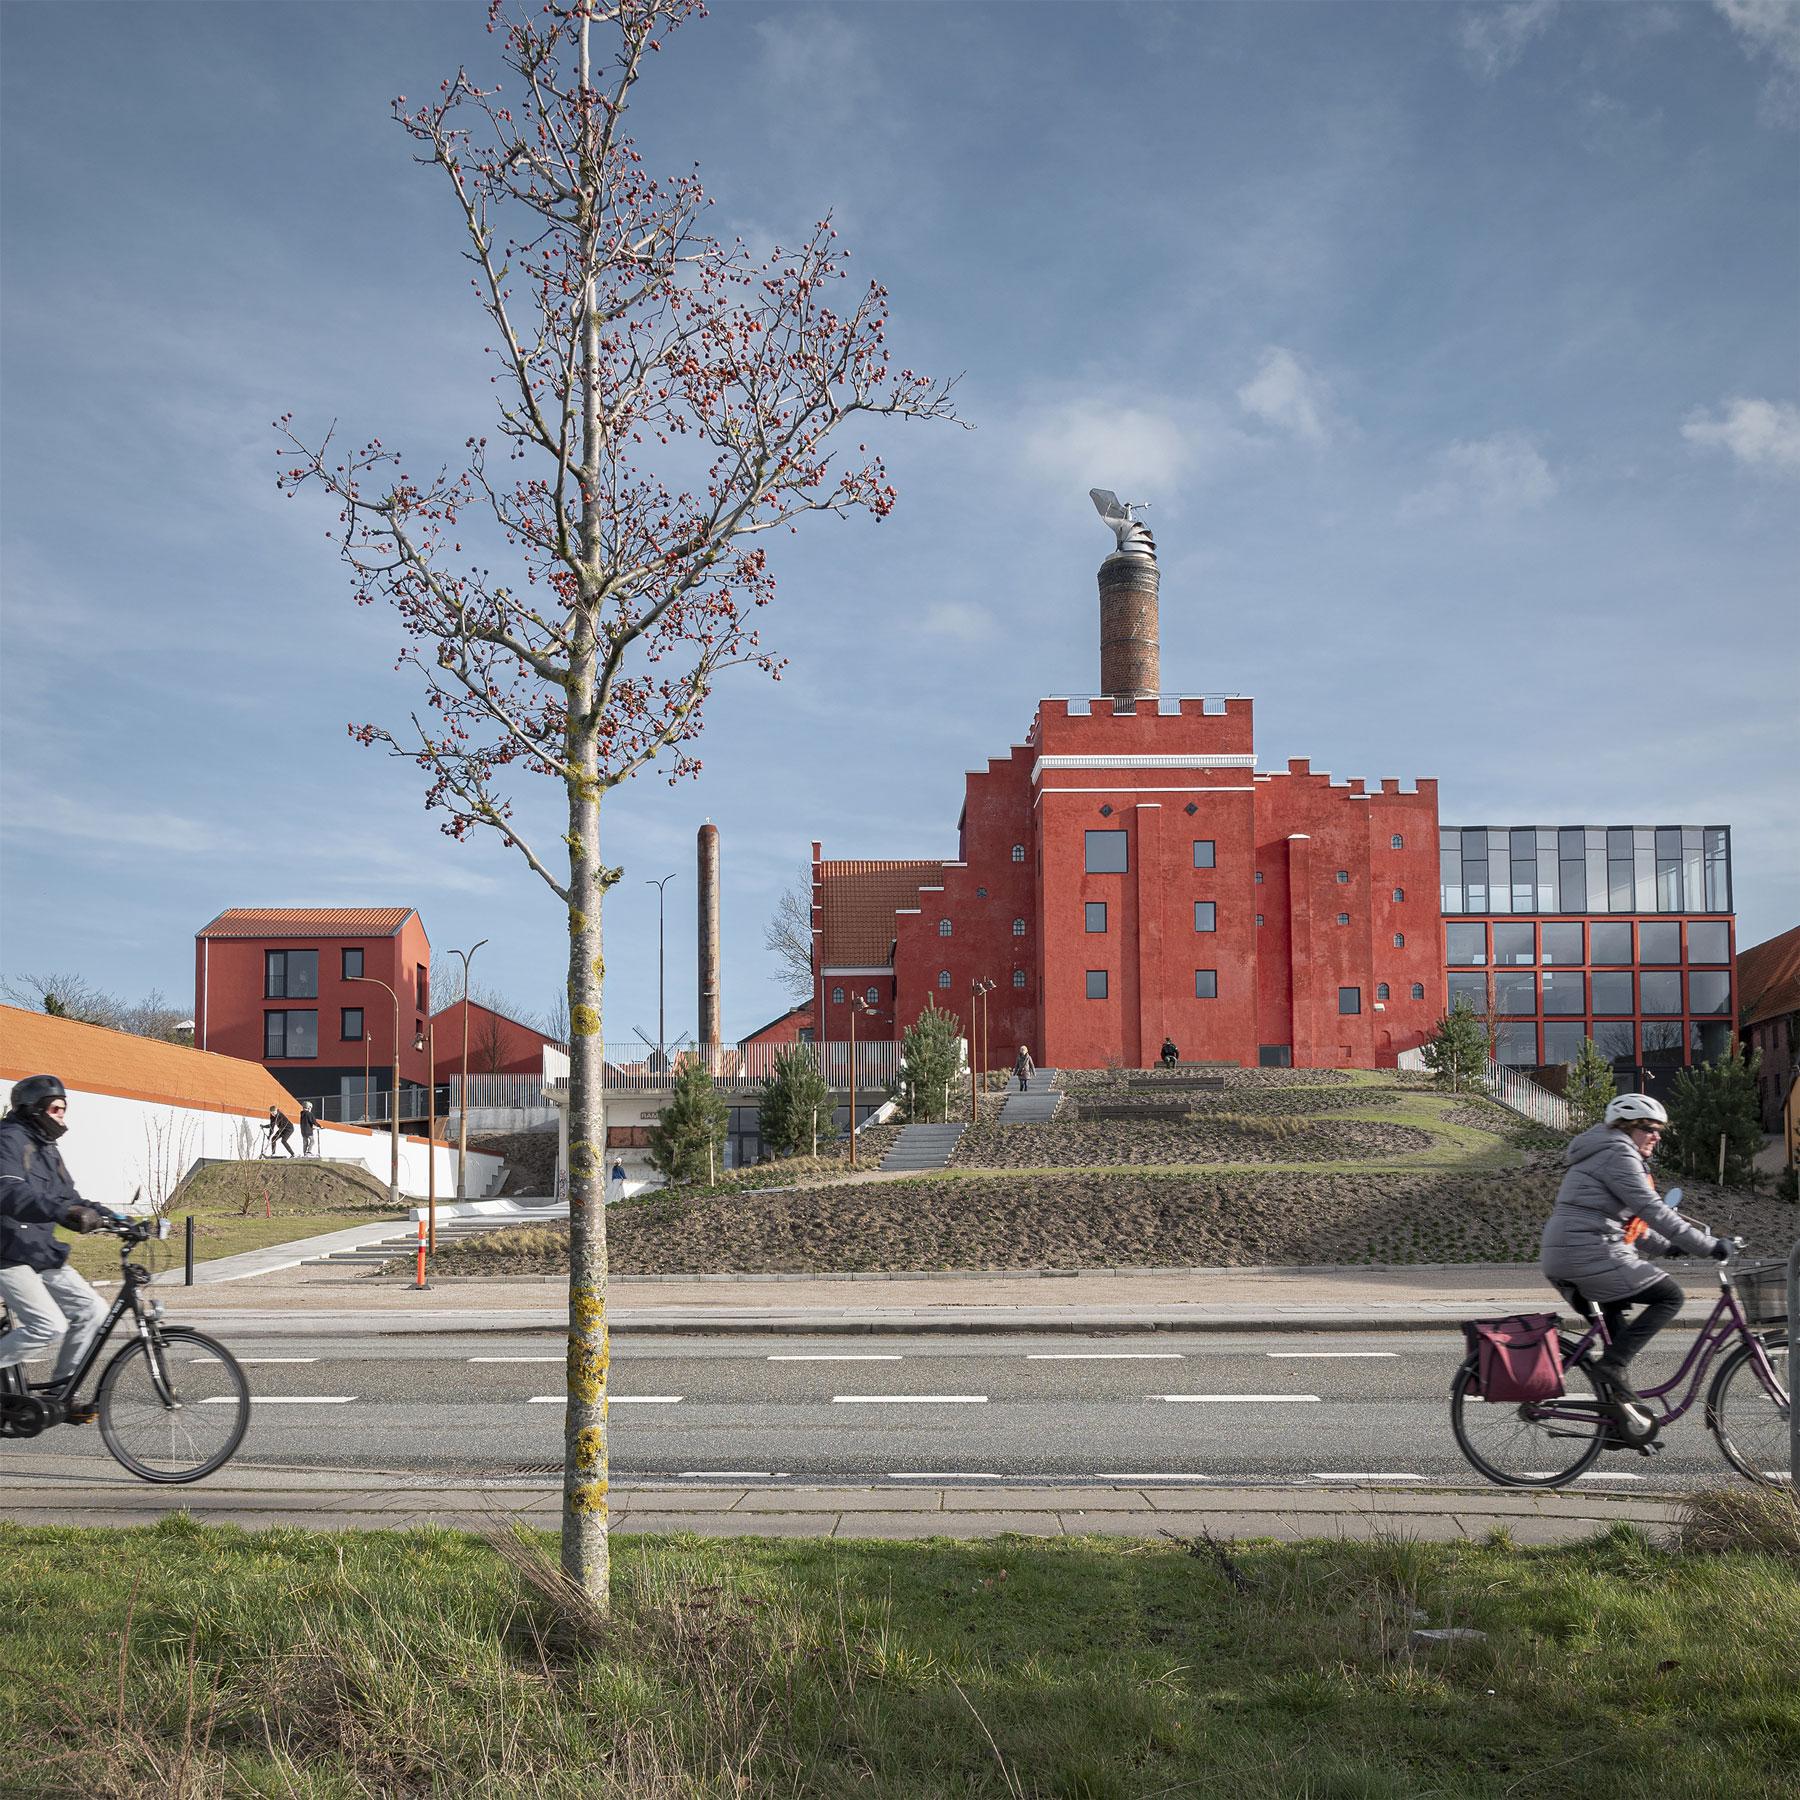 Den røde bygning Maltfabrikken i baggrunden og en vej og to cyklister i forgrunden